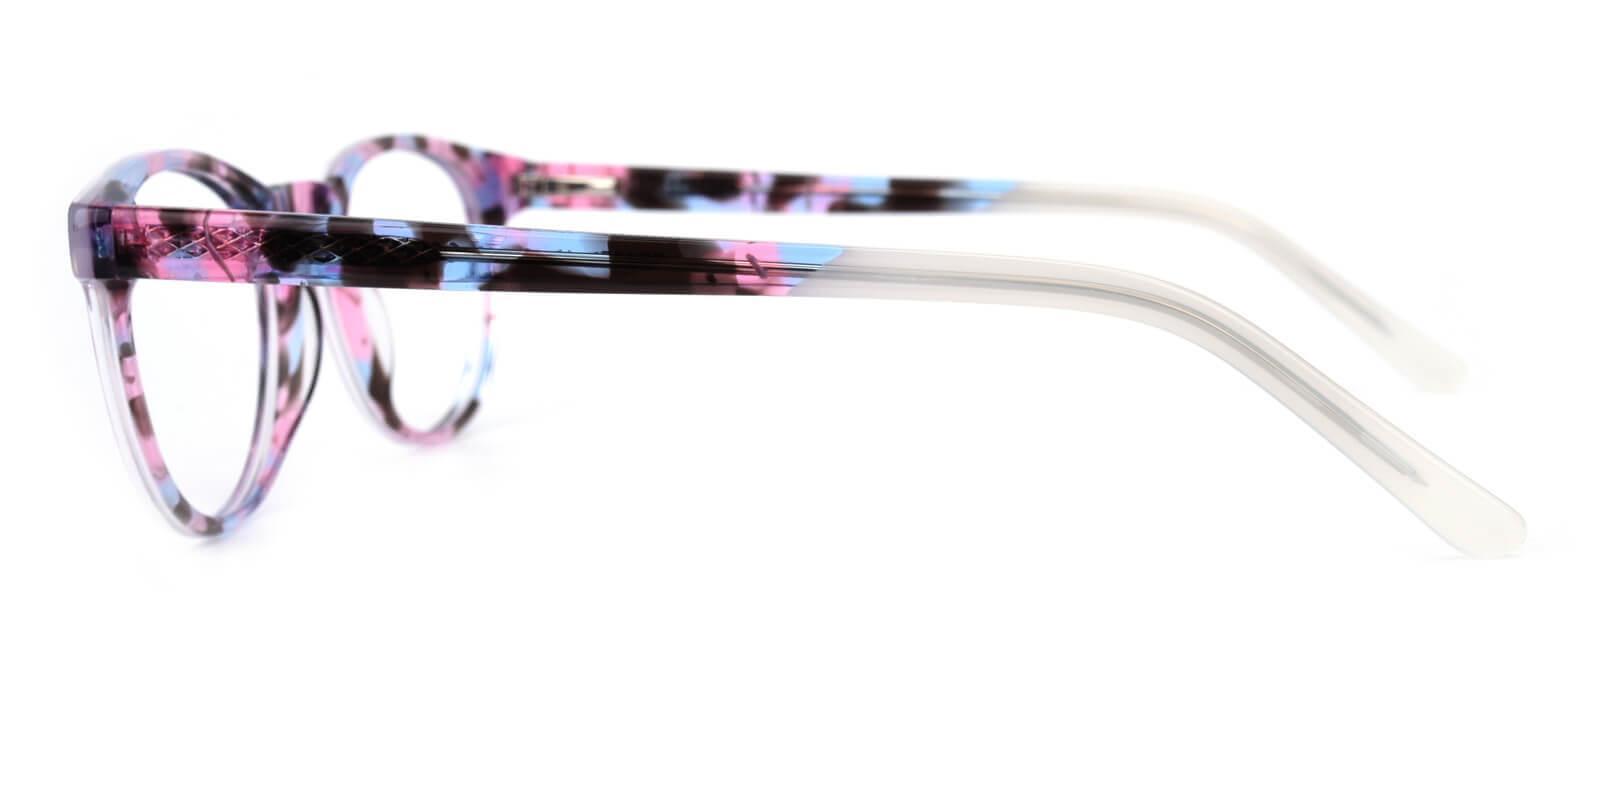 Debbine-Pink-Oval-Acetate-Eyeglasses-additional3